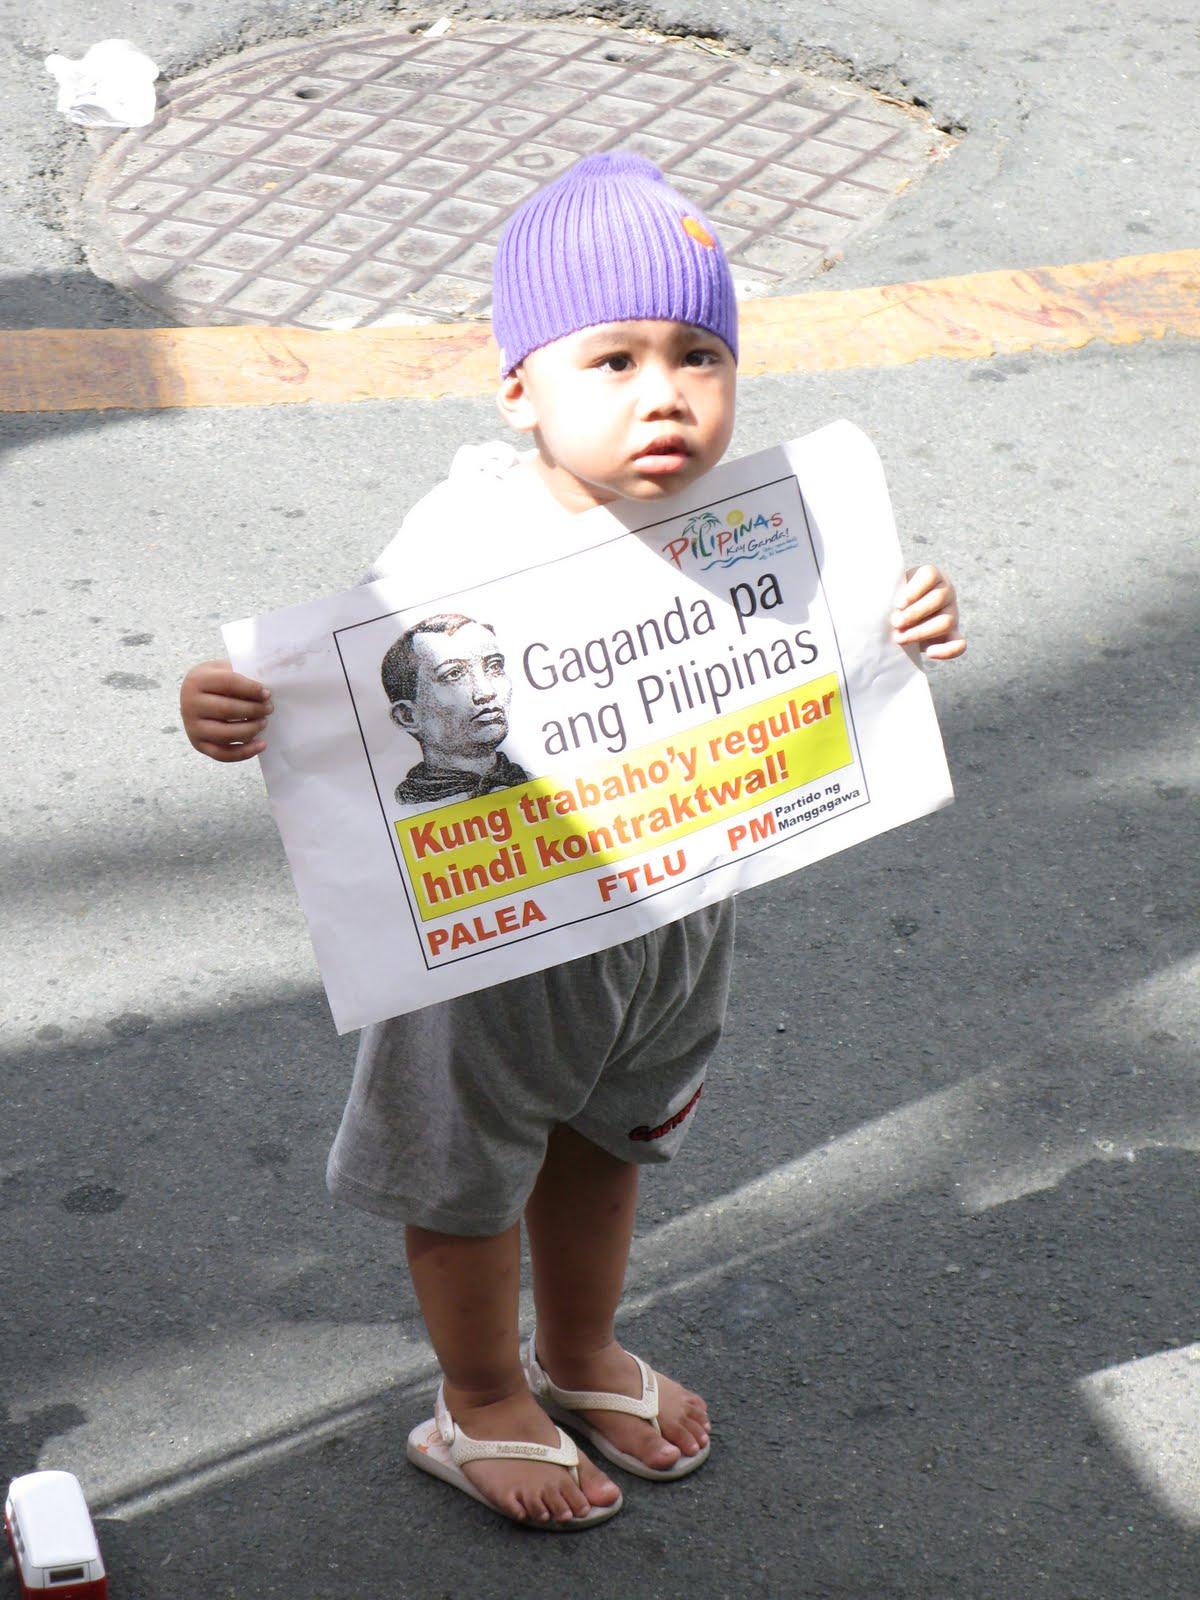 Politiskt massmord pa filippinerna